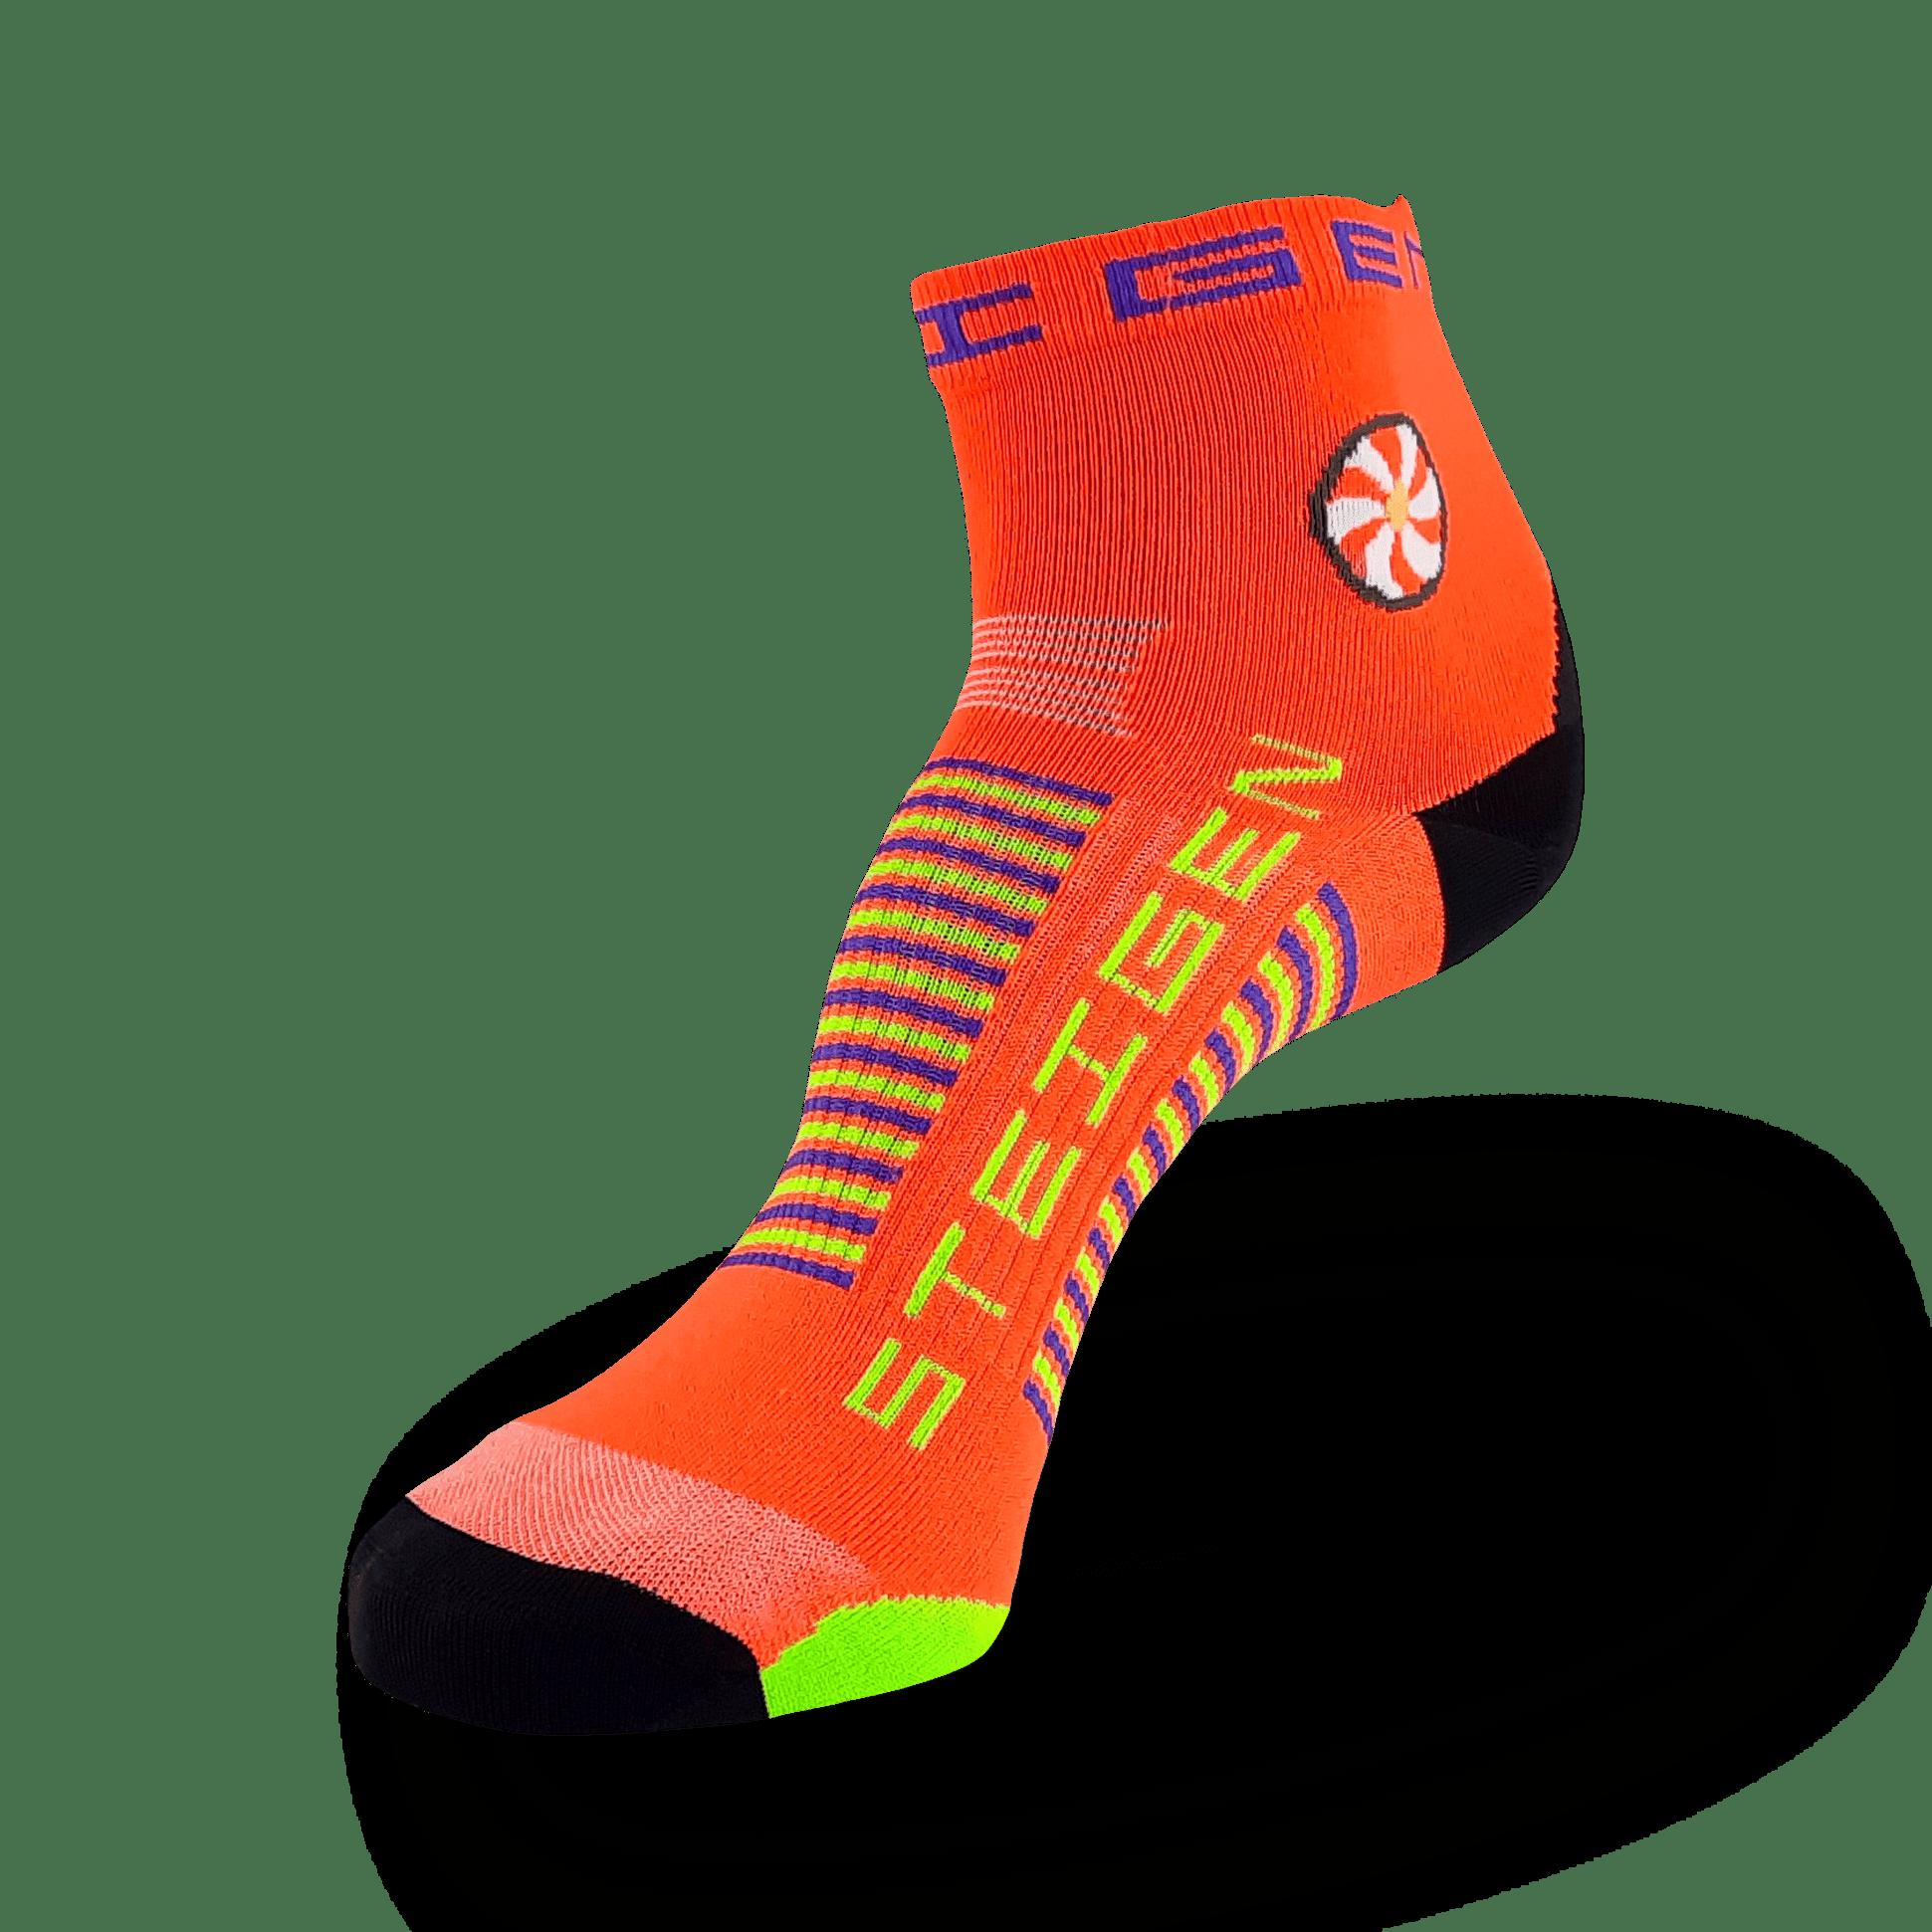 Goldfish Orange Running Socks ¼ Length